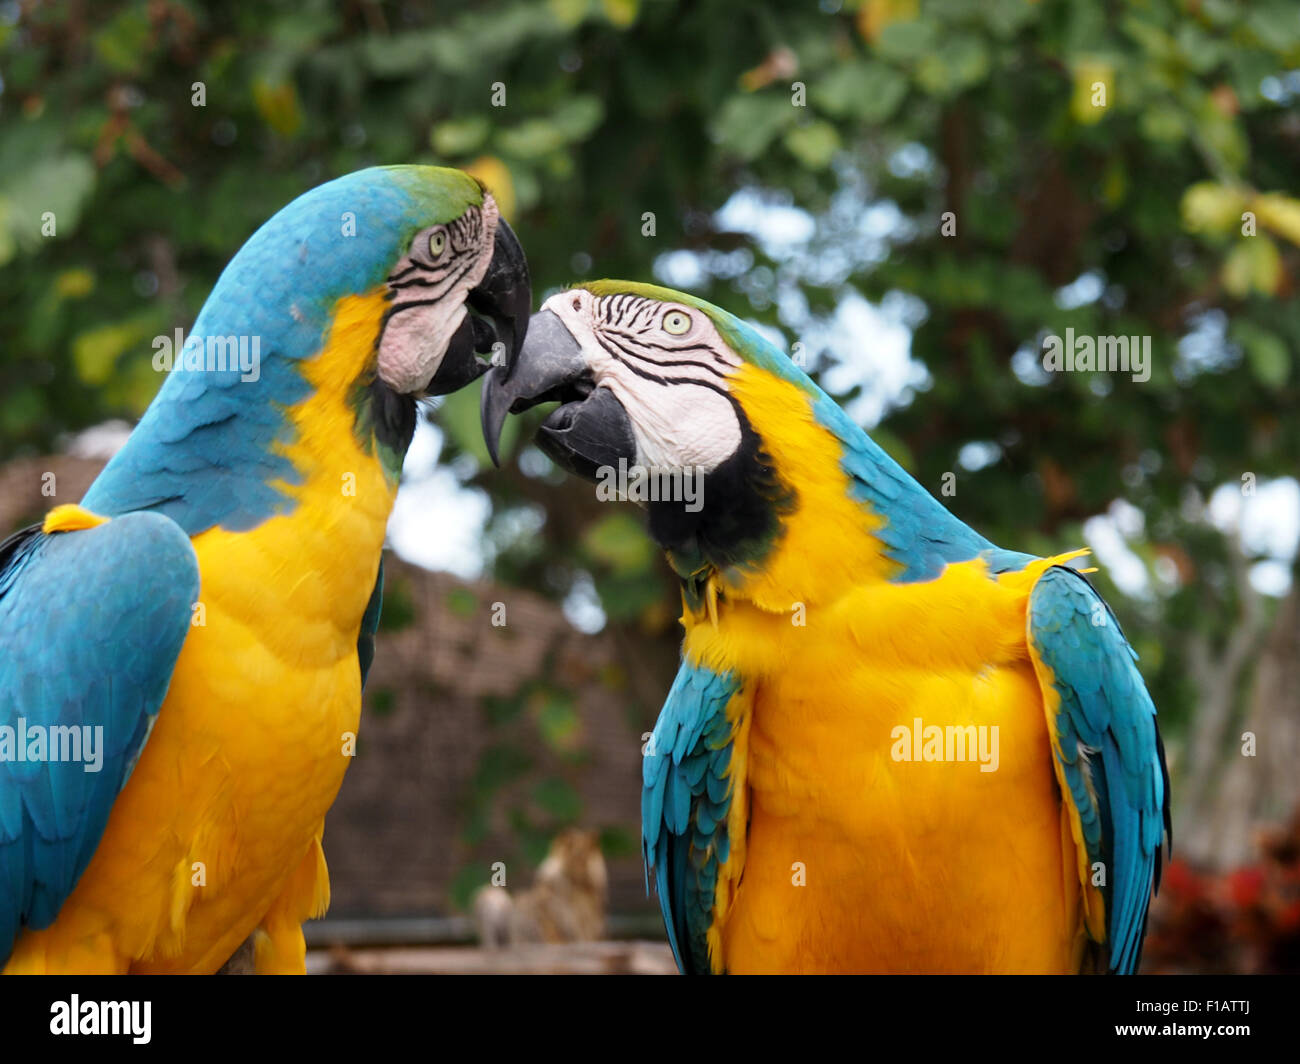 Par de guacamayos azules y amarillos de demostrar afecto Imagen De Stock